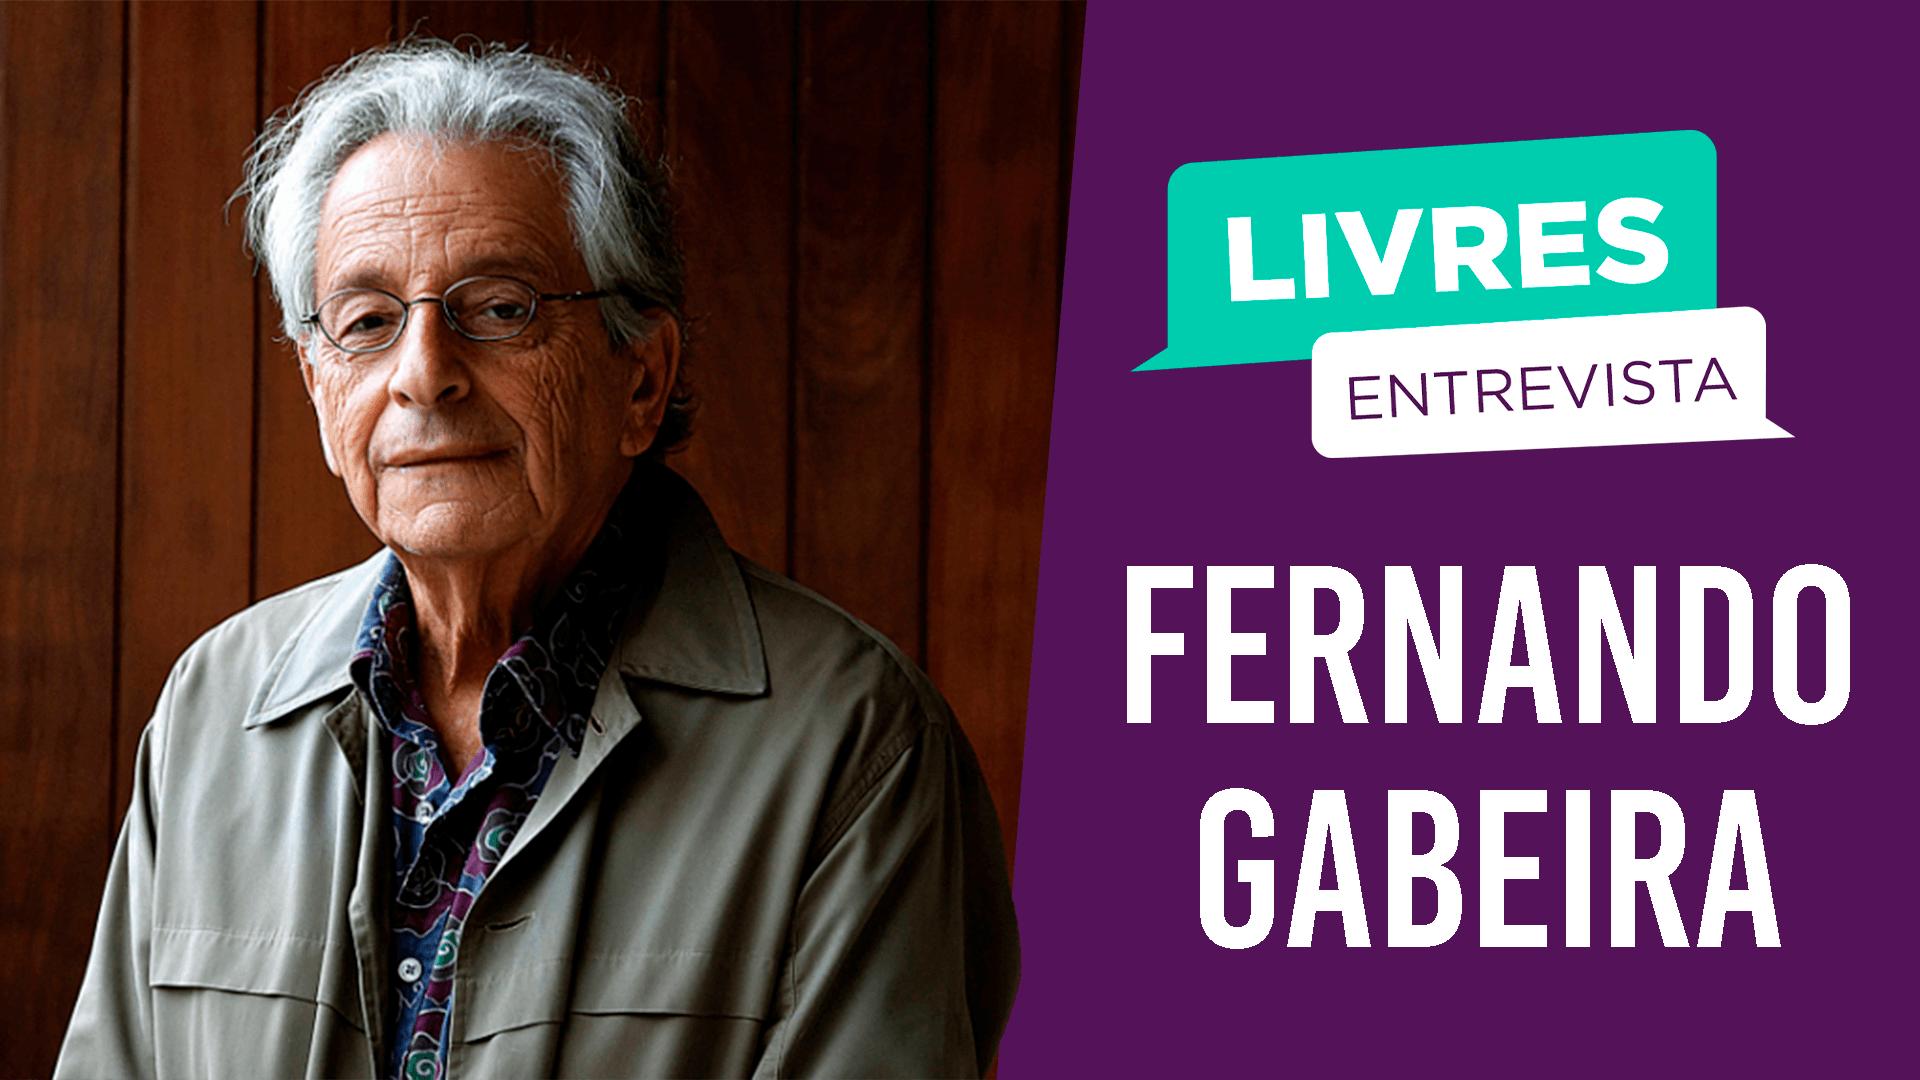 Fernando Gabeira: Da luta contra ditadura à luta pela democracia